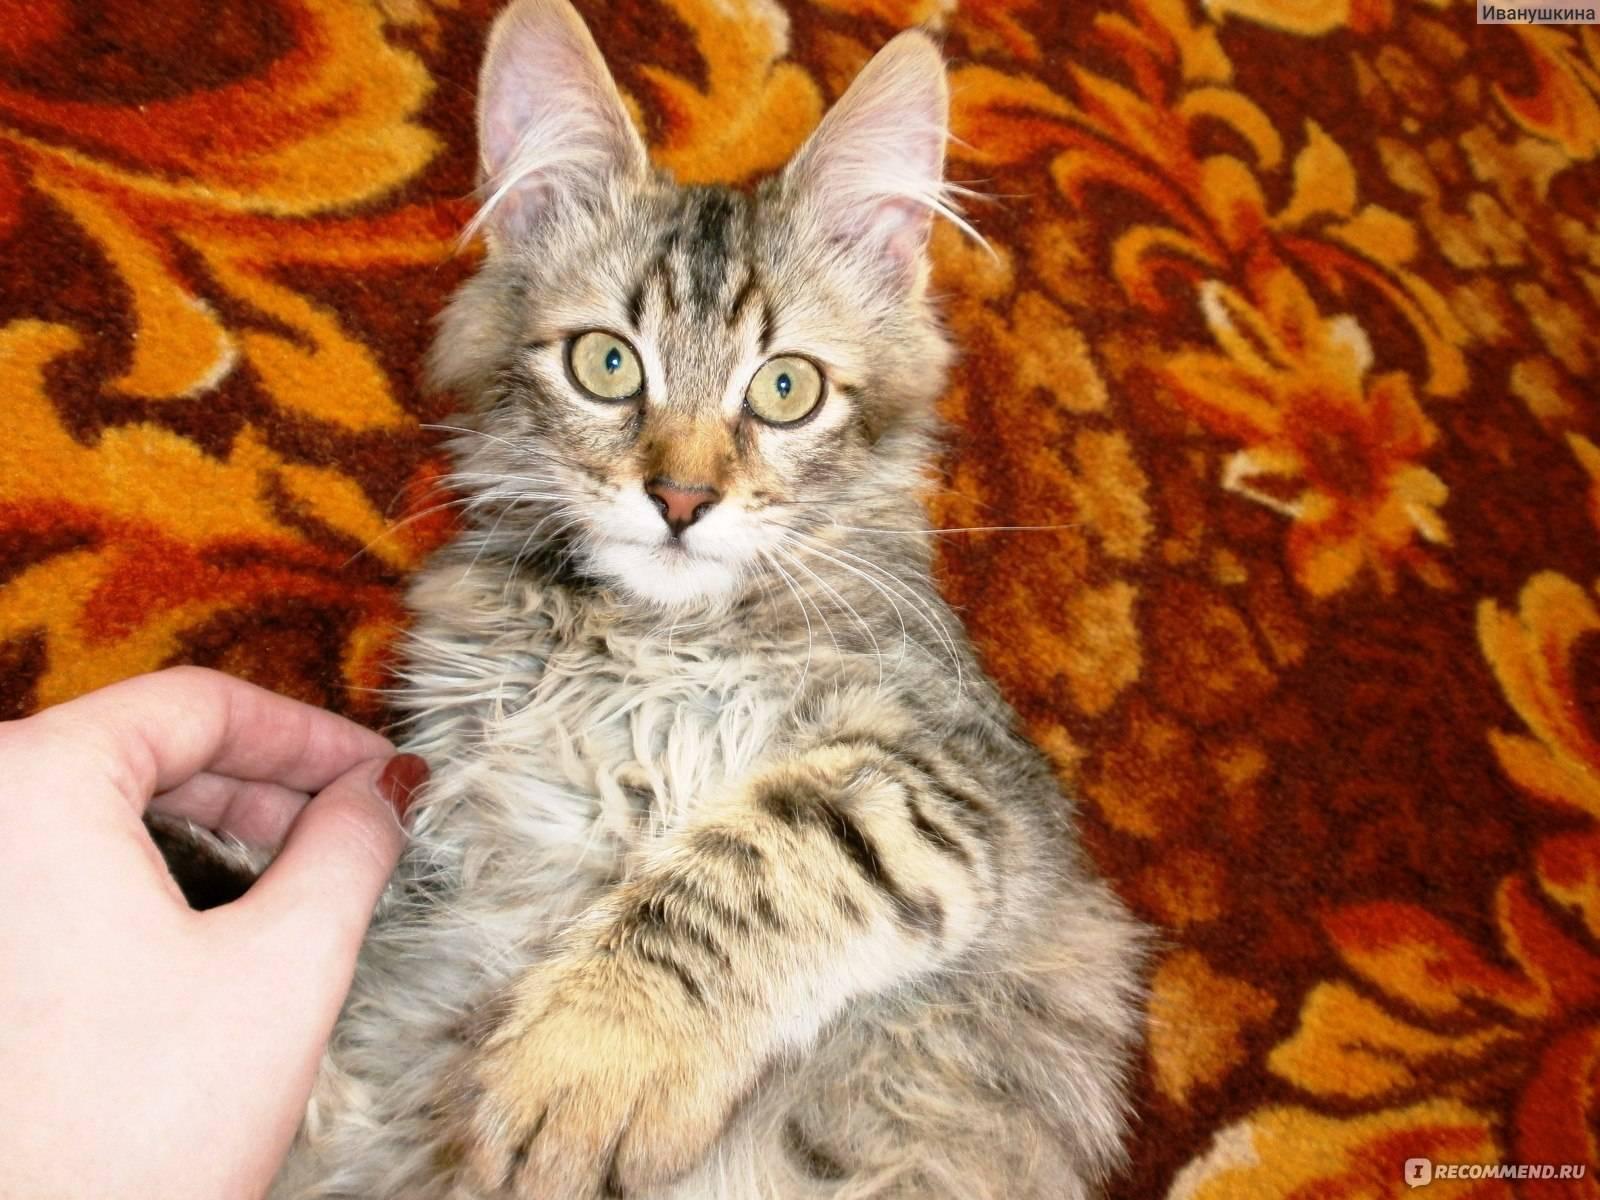 Беспородные коты (32 фото): характер кошек без породы, продолжительность их жизни в домашних условиях. содержание котят